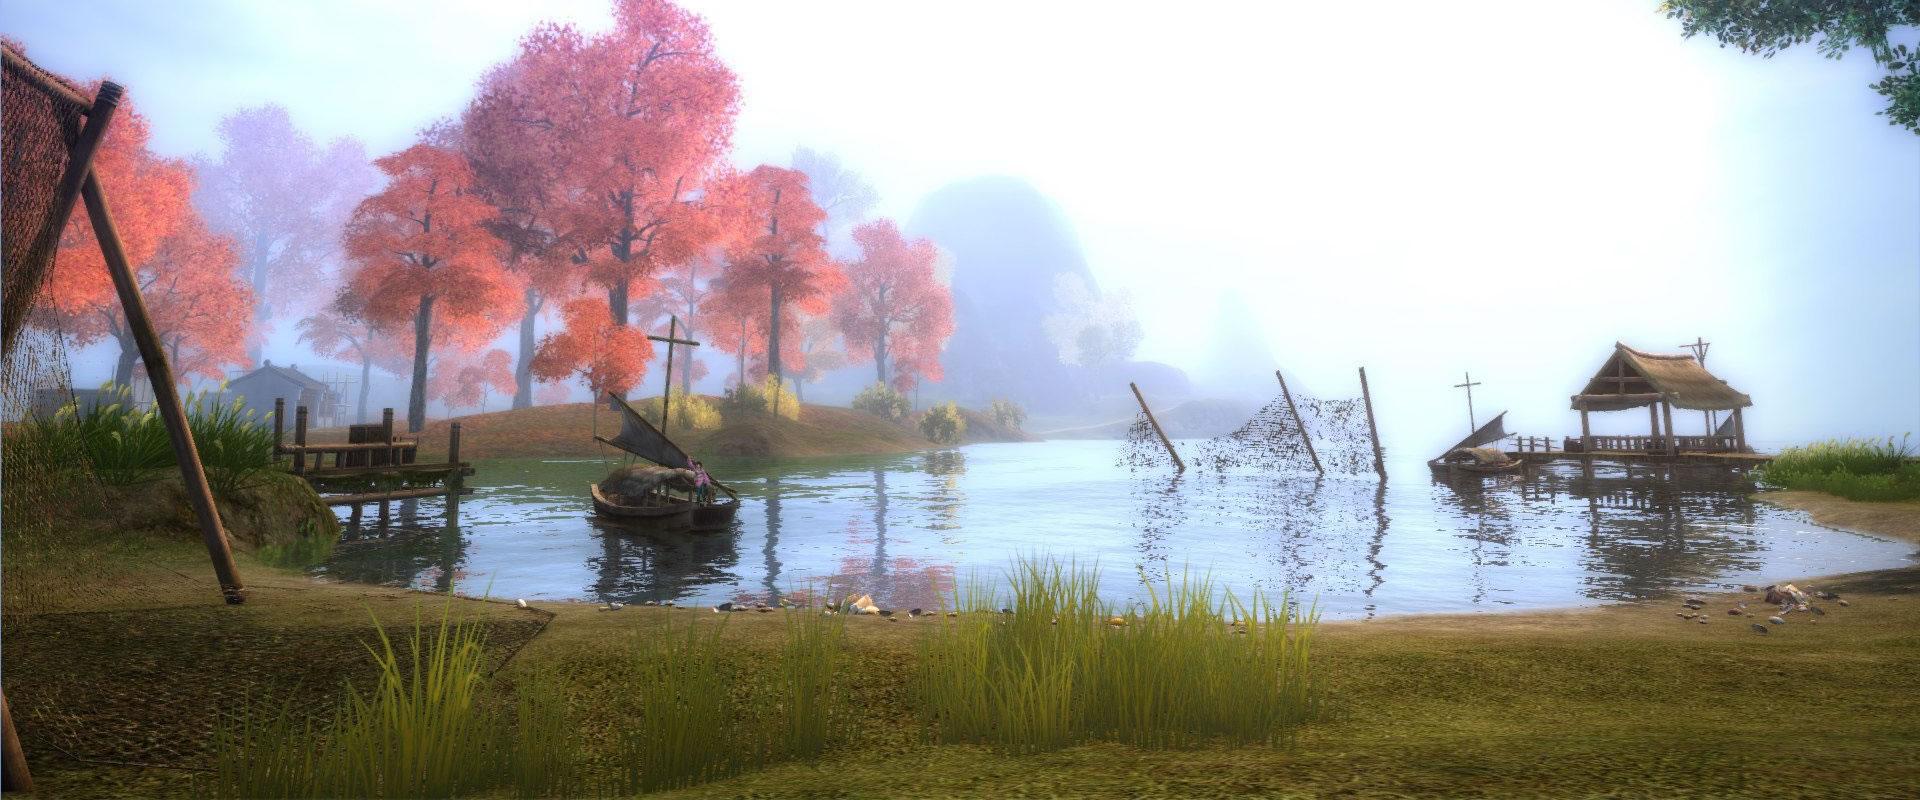 Легенды Кунг-Фу: Буря раздора